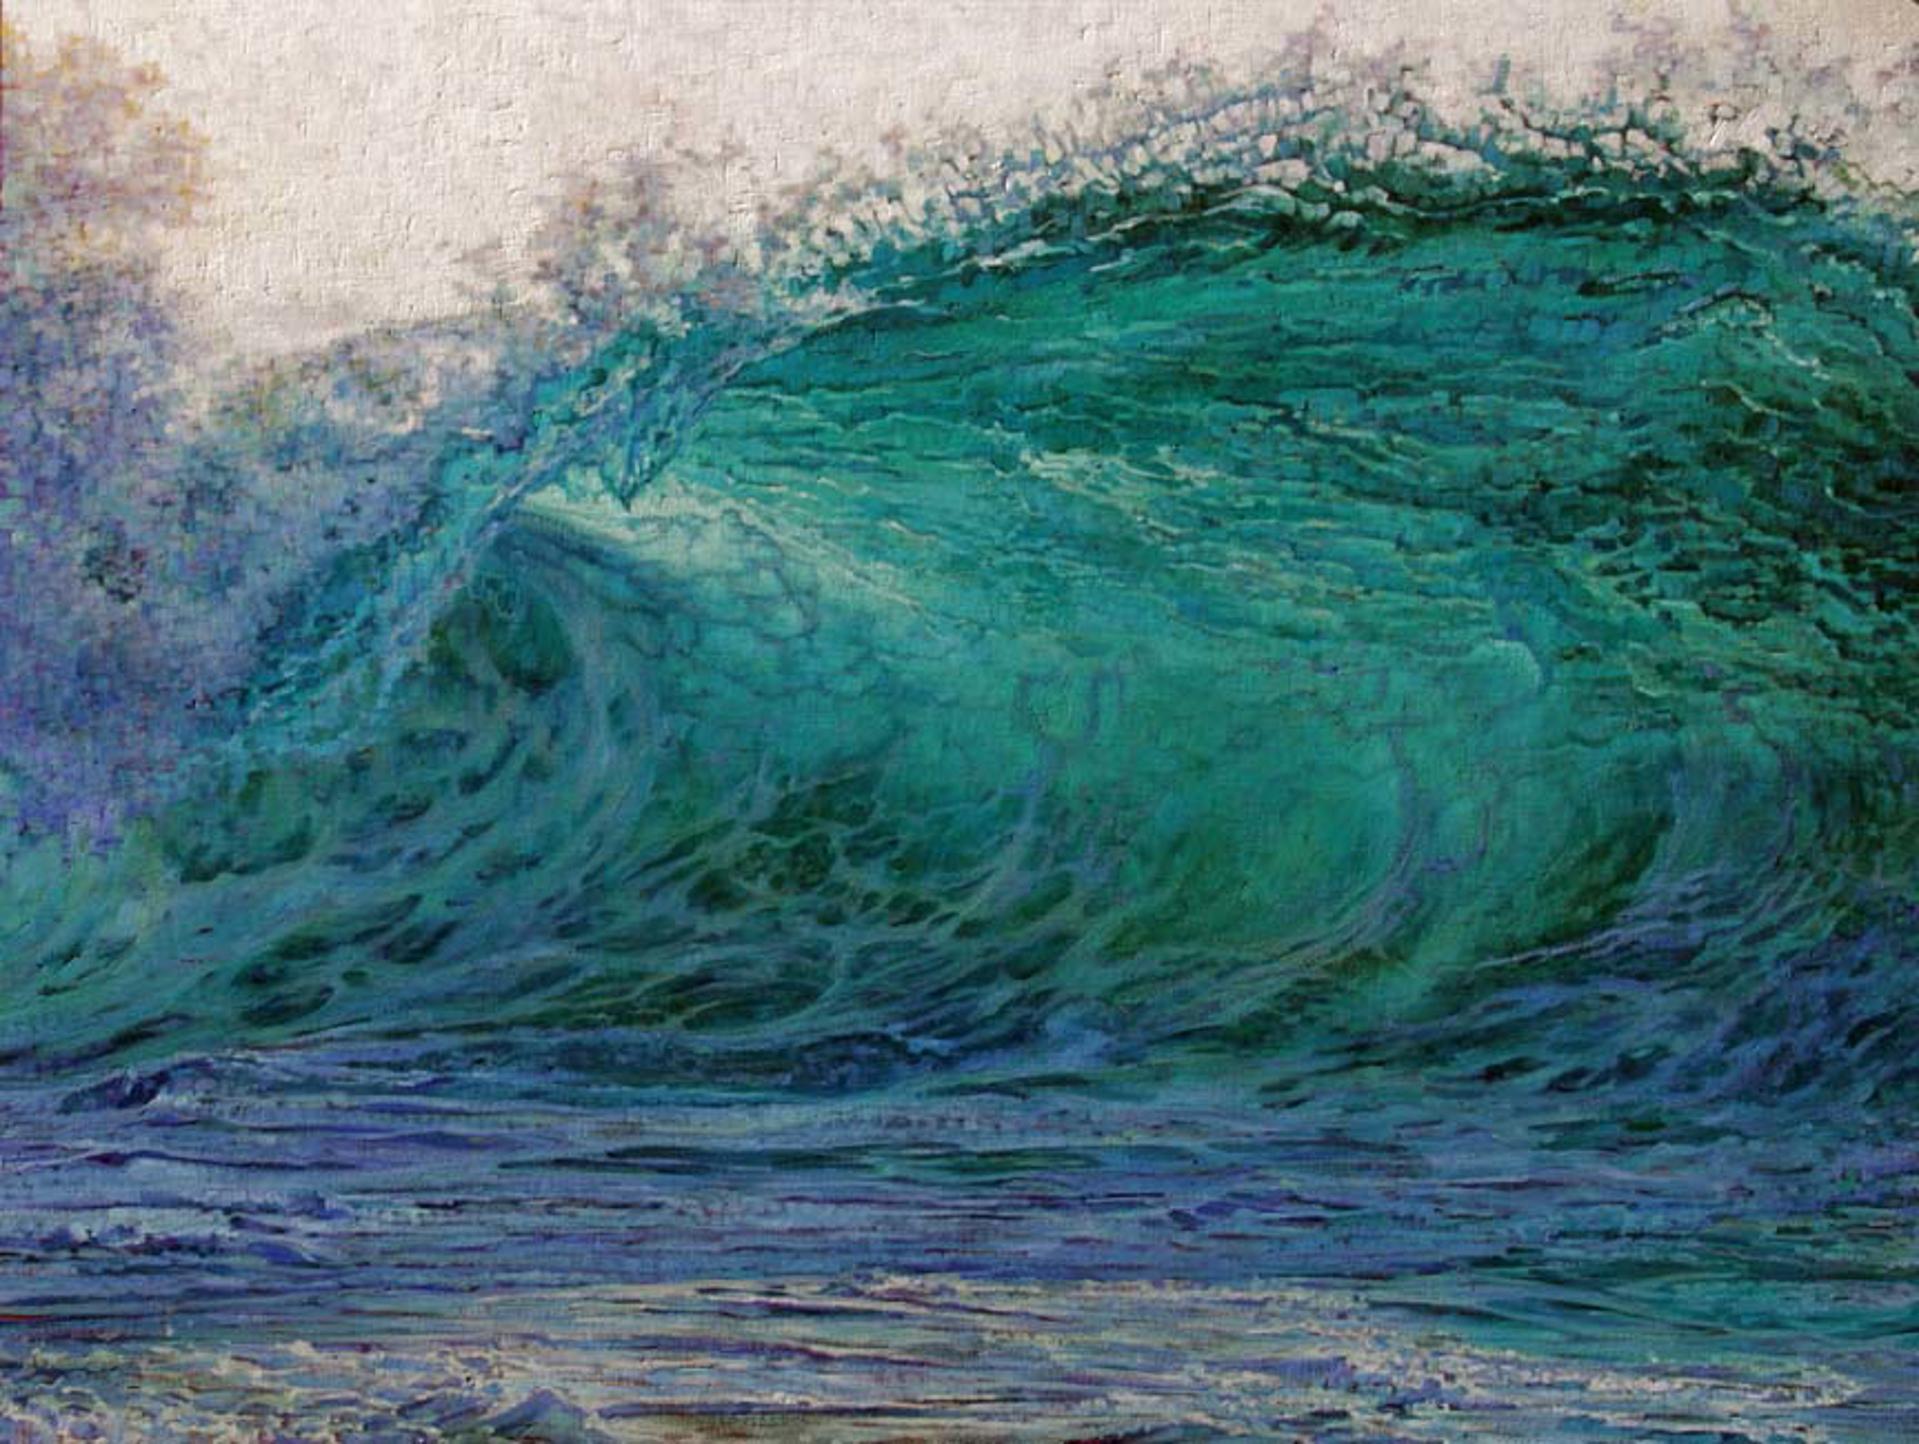 North Shore Blue Wave by Caroline Zimmermann